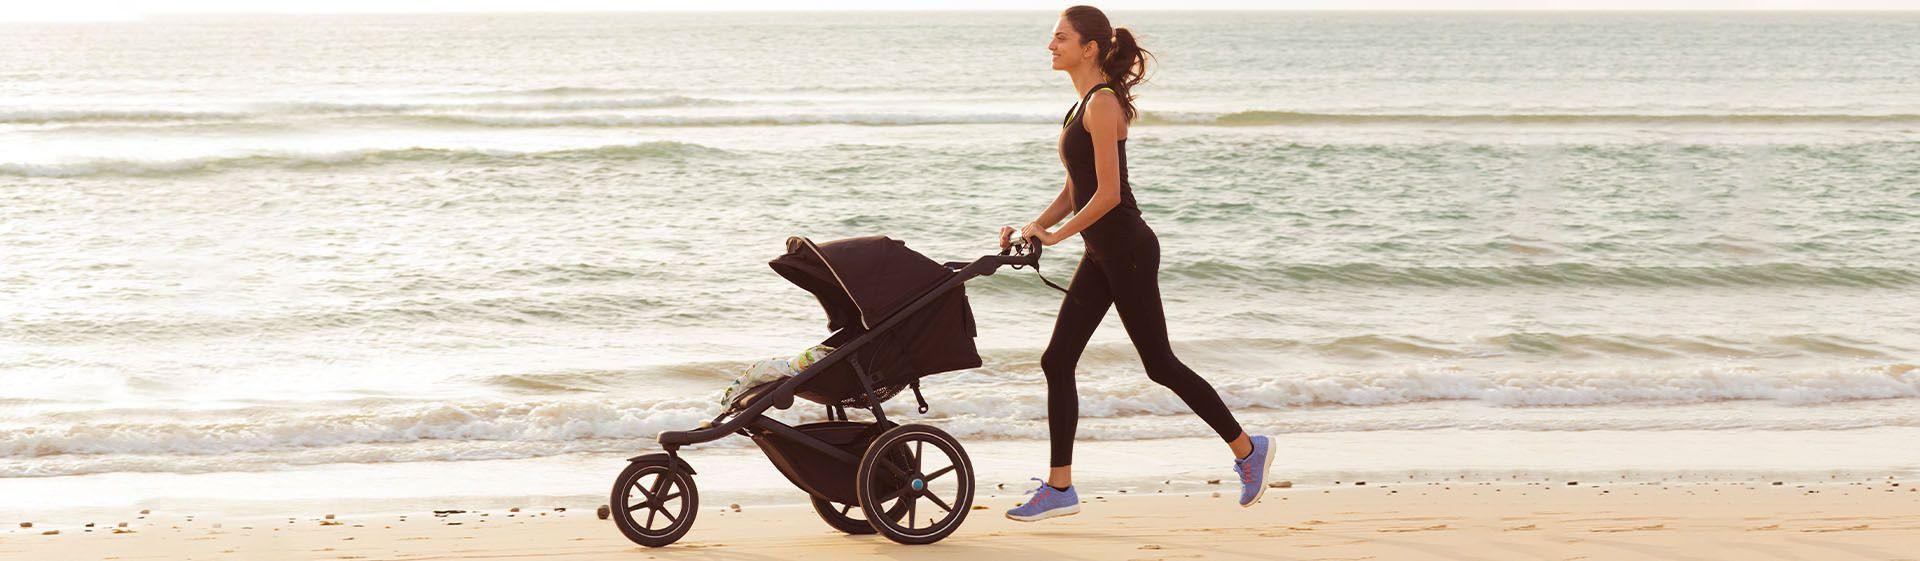 Carrinho de bebê de 3 rodas: 8 modelos para comprar em 2021